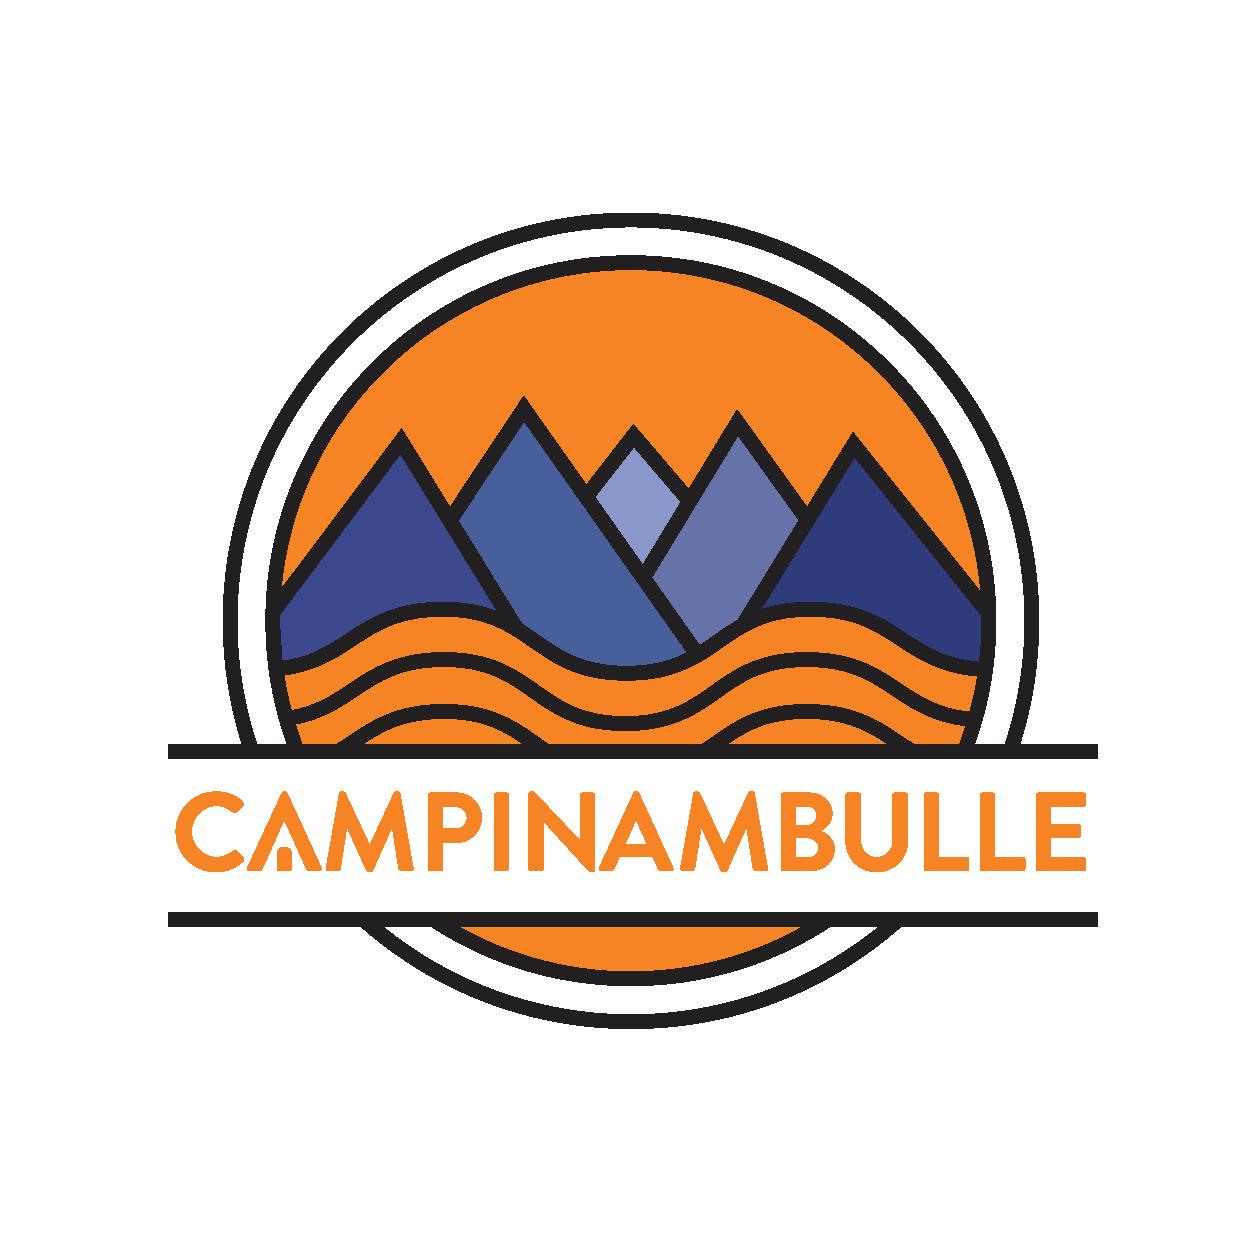 130_logo-campinambulle.png -